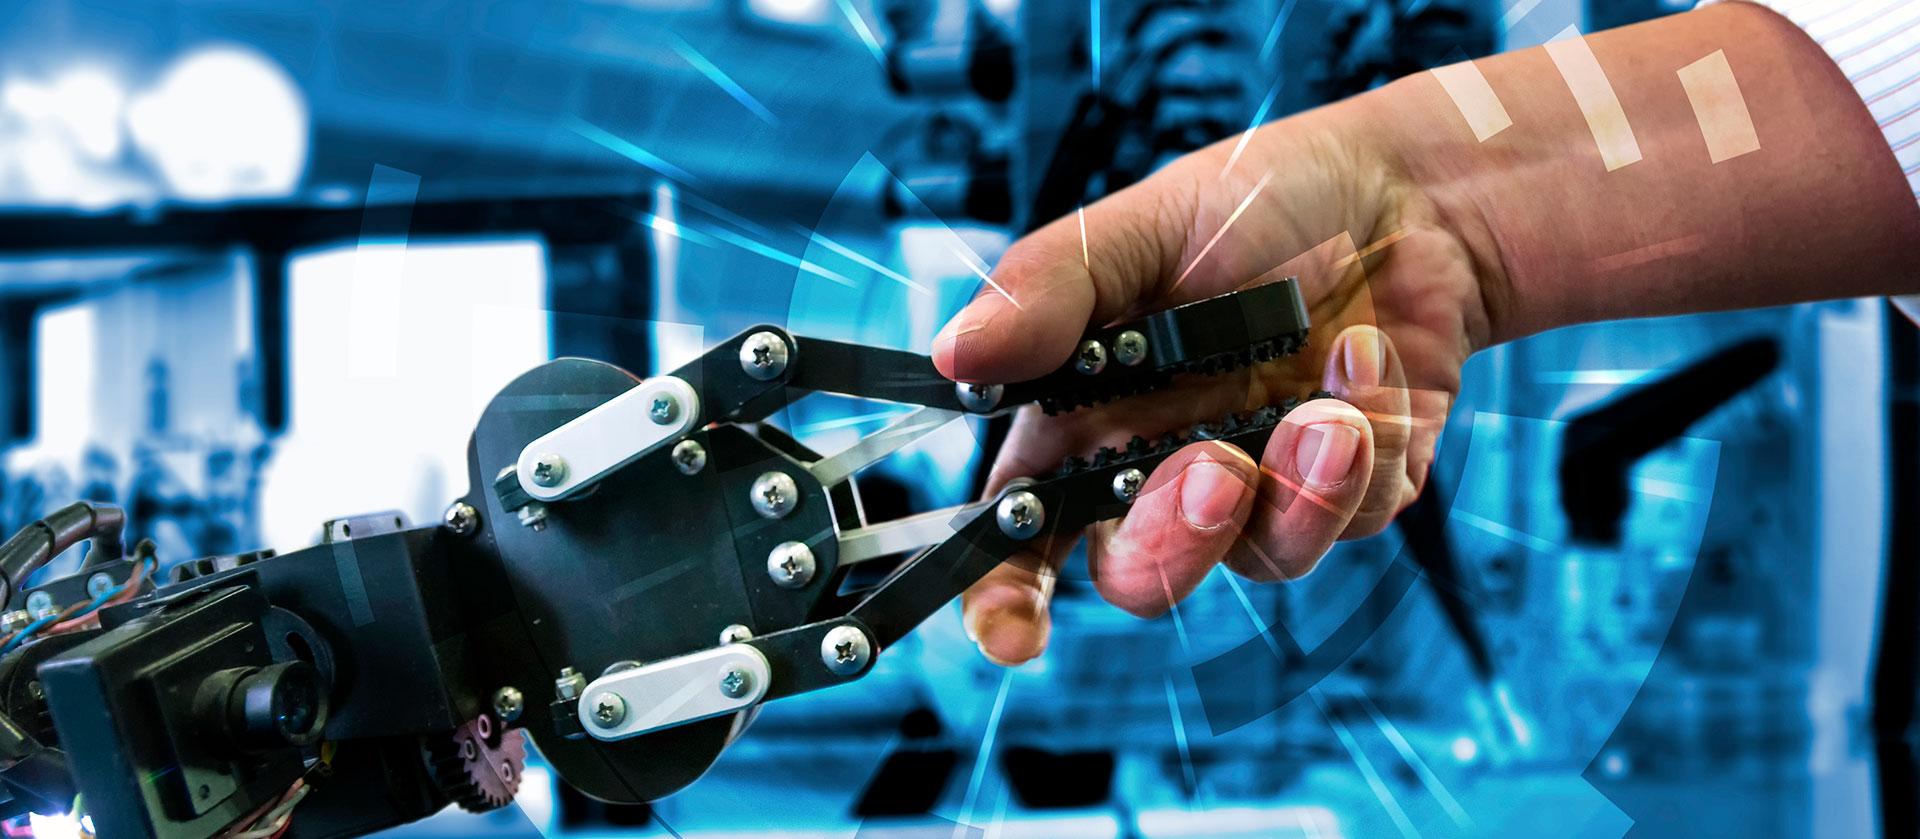 Robótica, mecatrónica y control de movimiento, piezas clave de la automatización industrial